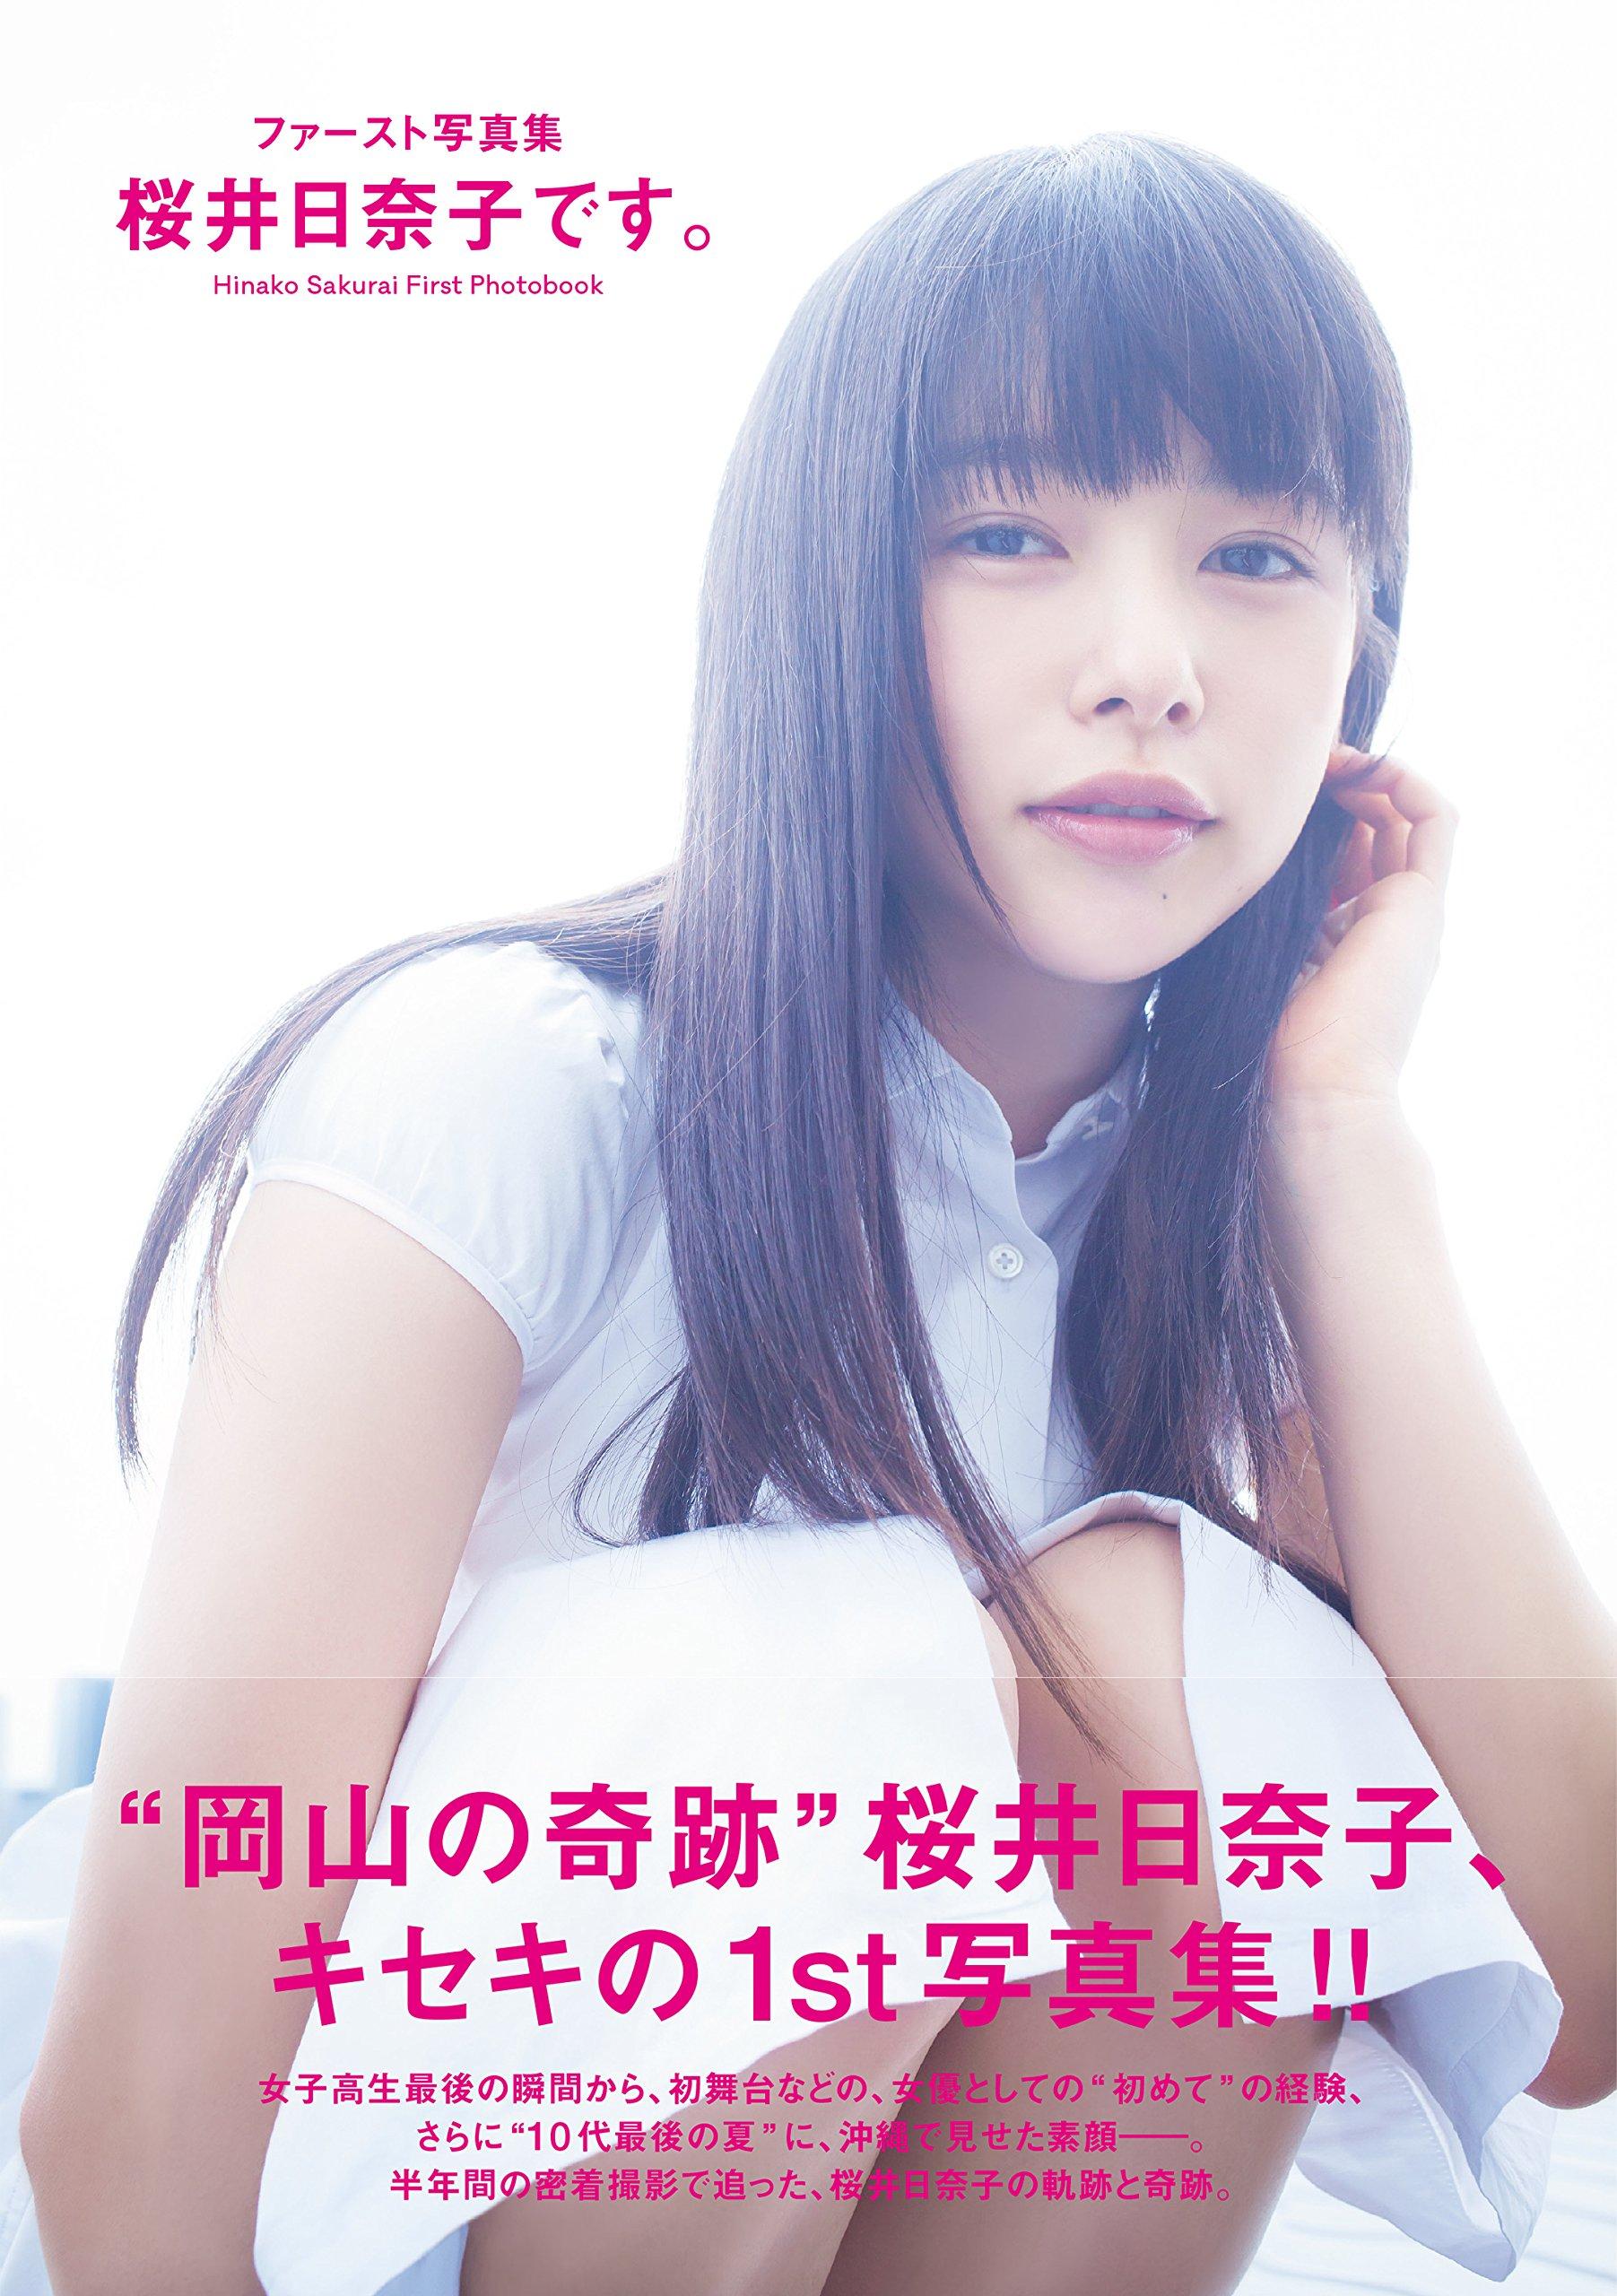 桜井日奈子さんのインナー姿